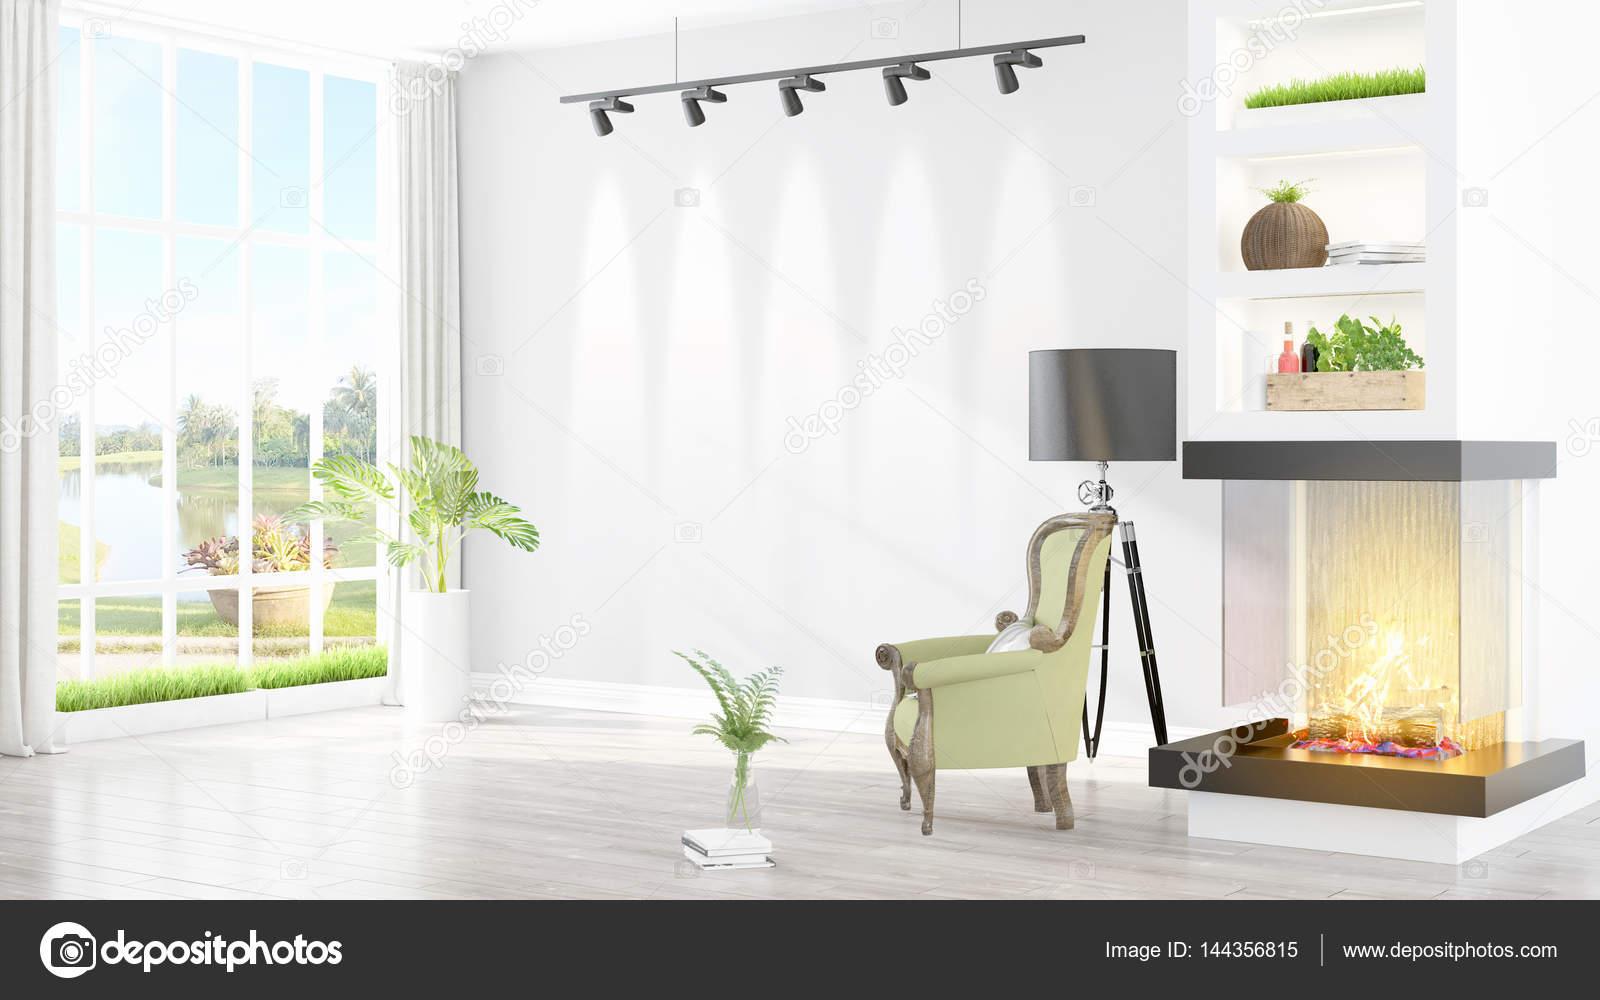 Beau Salon Interieur Avec Cheminee 3d Rendu Photographie Elsar77 C 144356815